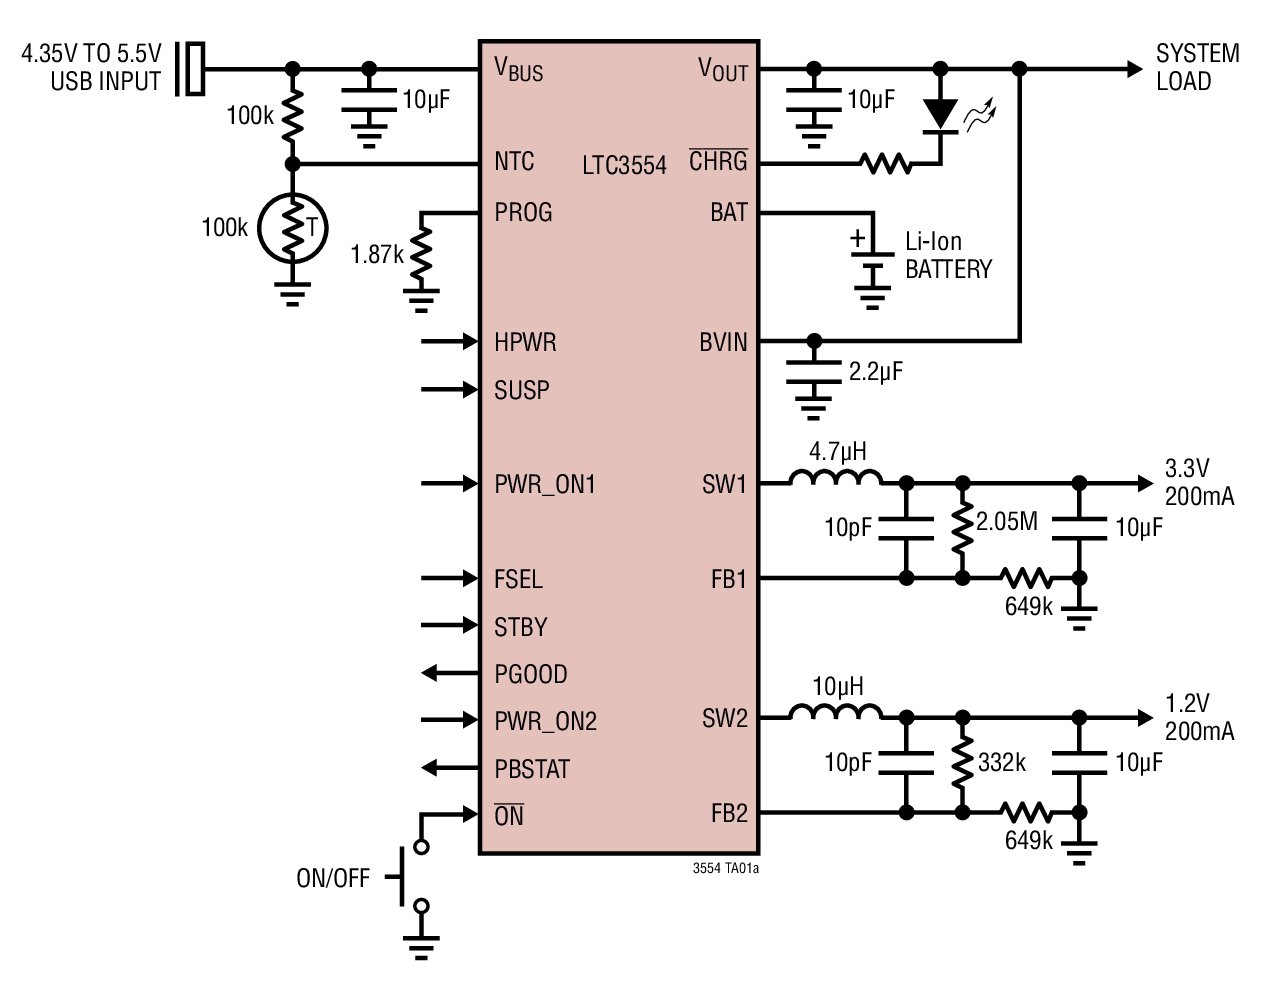 LTC3554 具锂离子电池充电器和两个降压型稳压器的微功率 USB 电源管理器